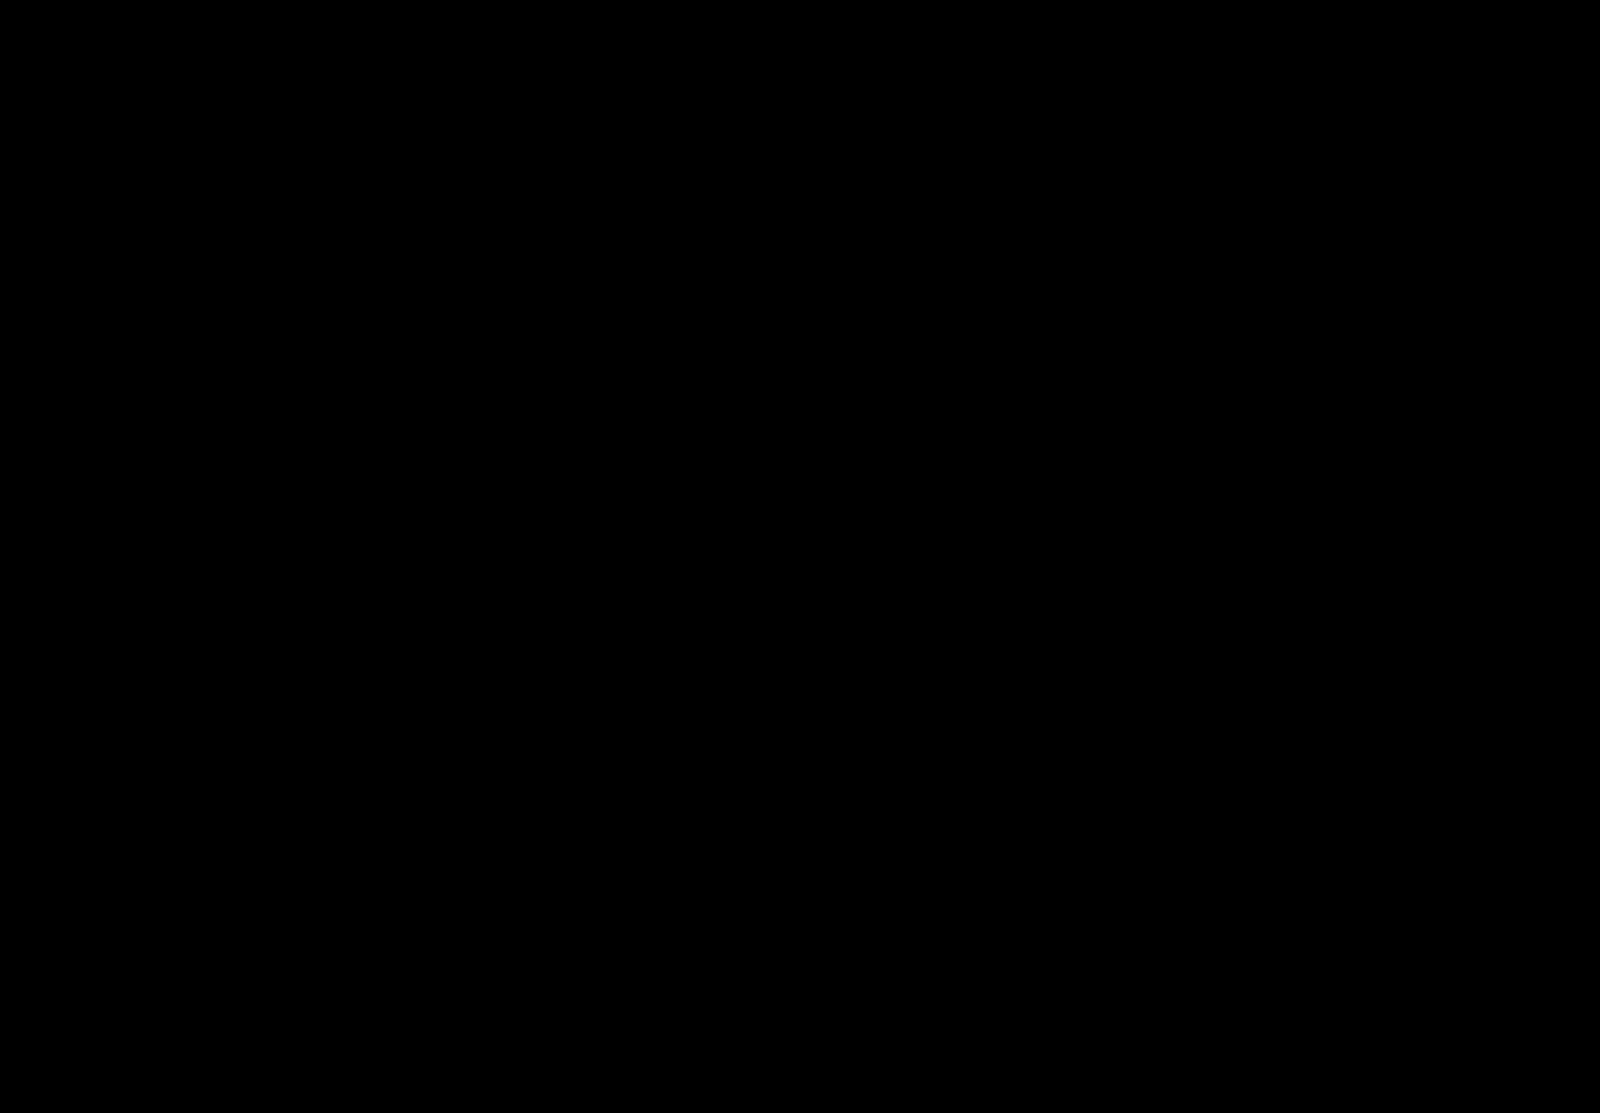 SYMBOLBILD Schwarze Fläche